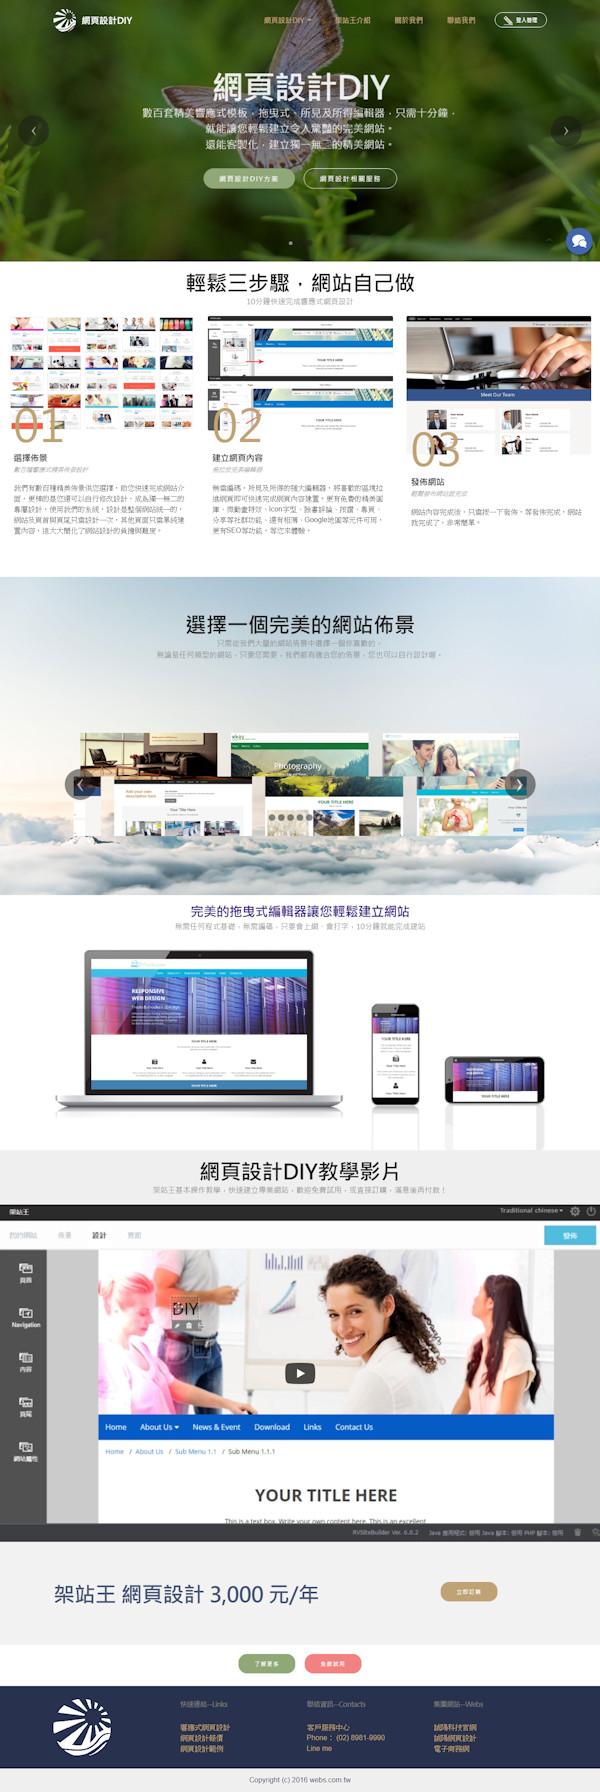 網頁設計-網頁設計DIY2